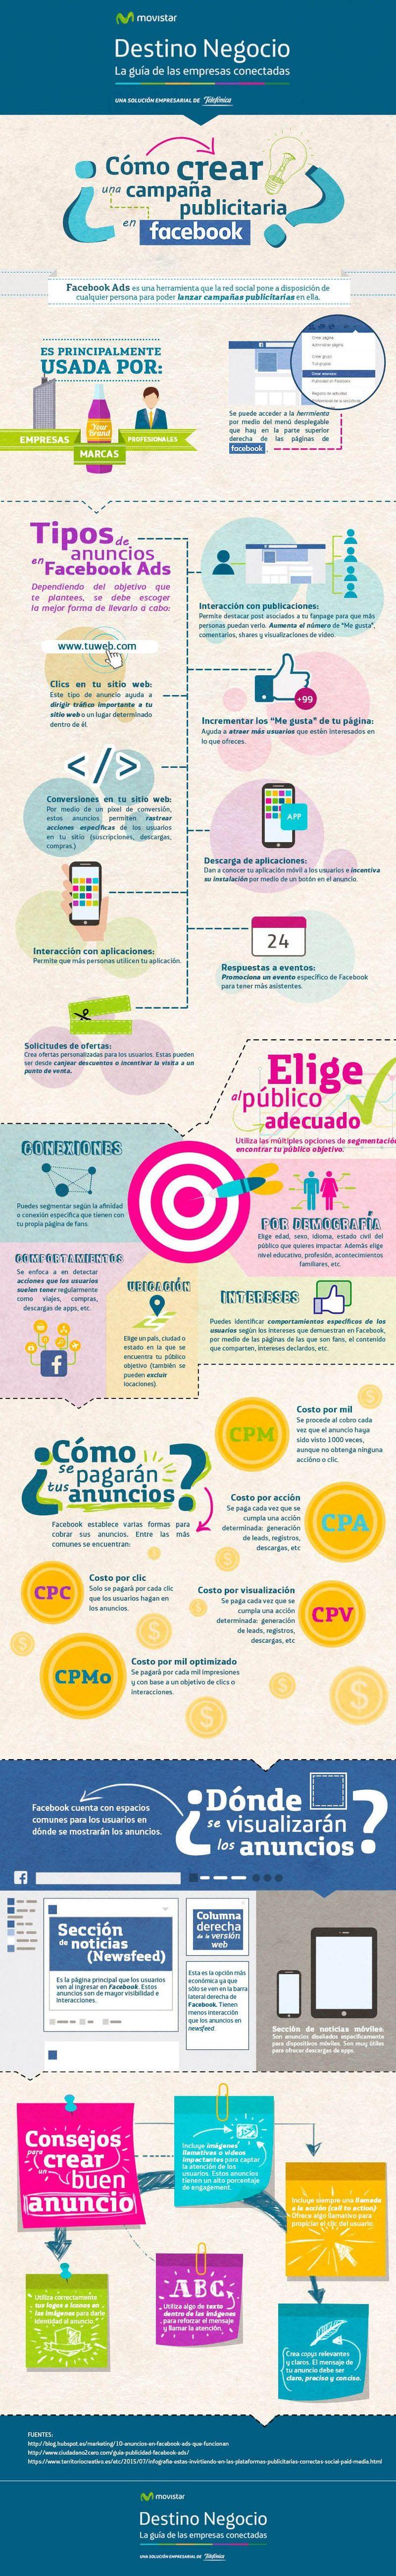 Cómo crear una campaña publicitaria en Facebook #infografia #socialmedia #marketing